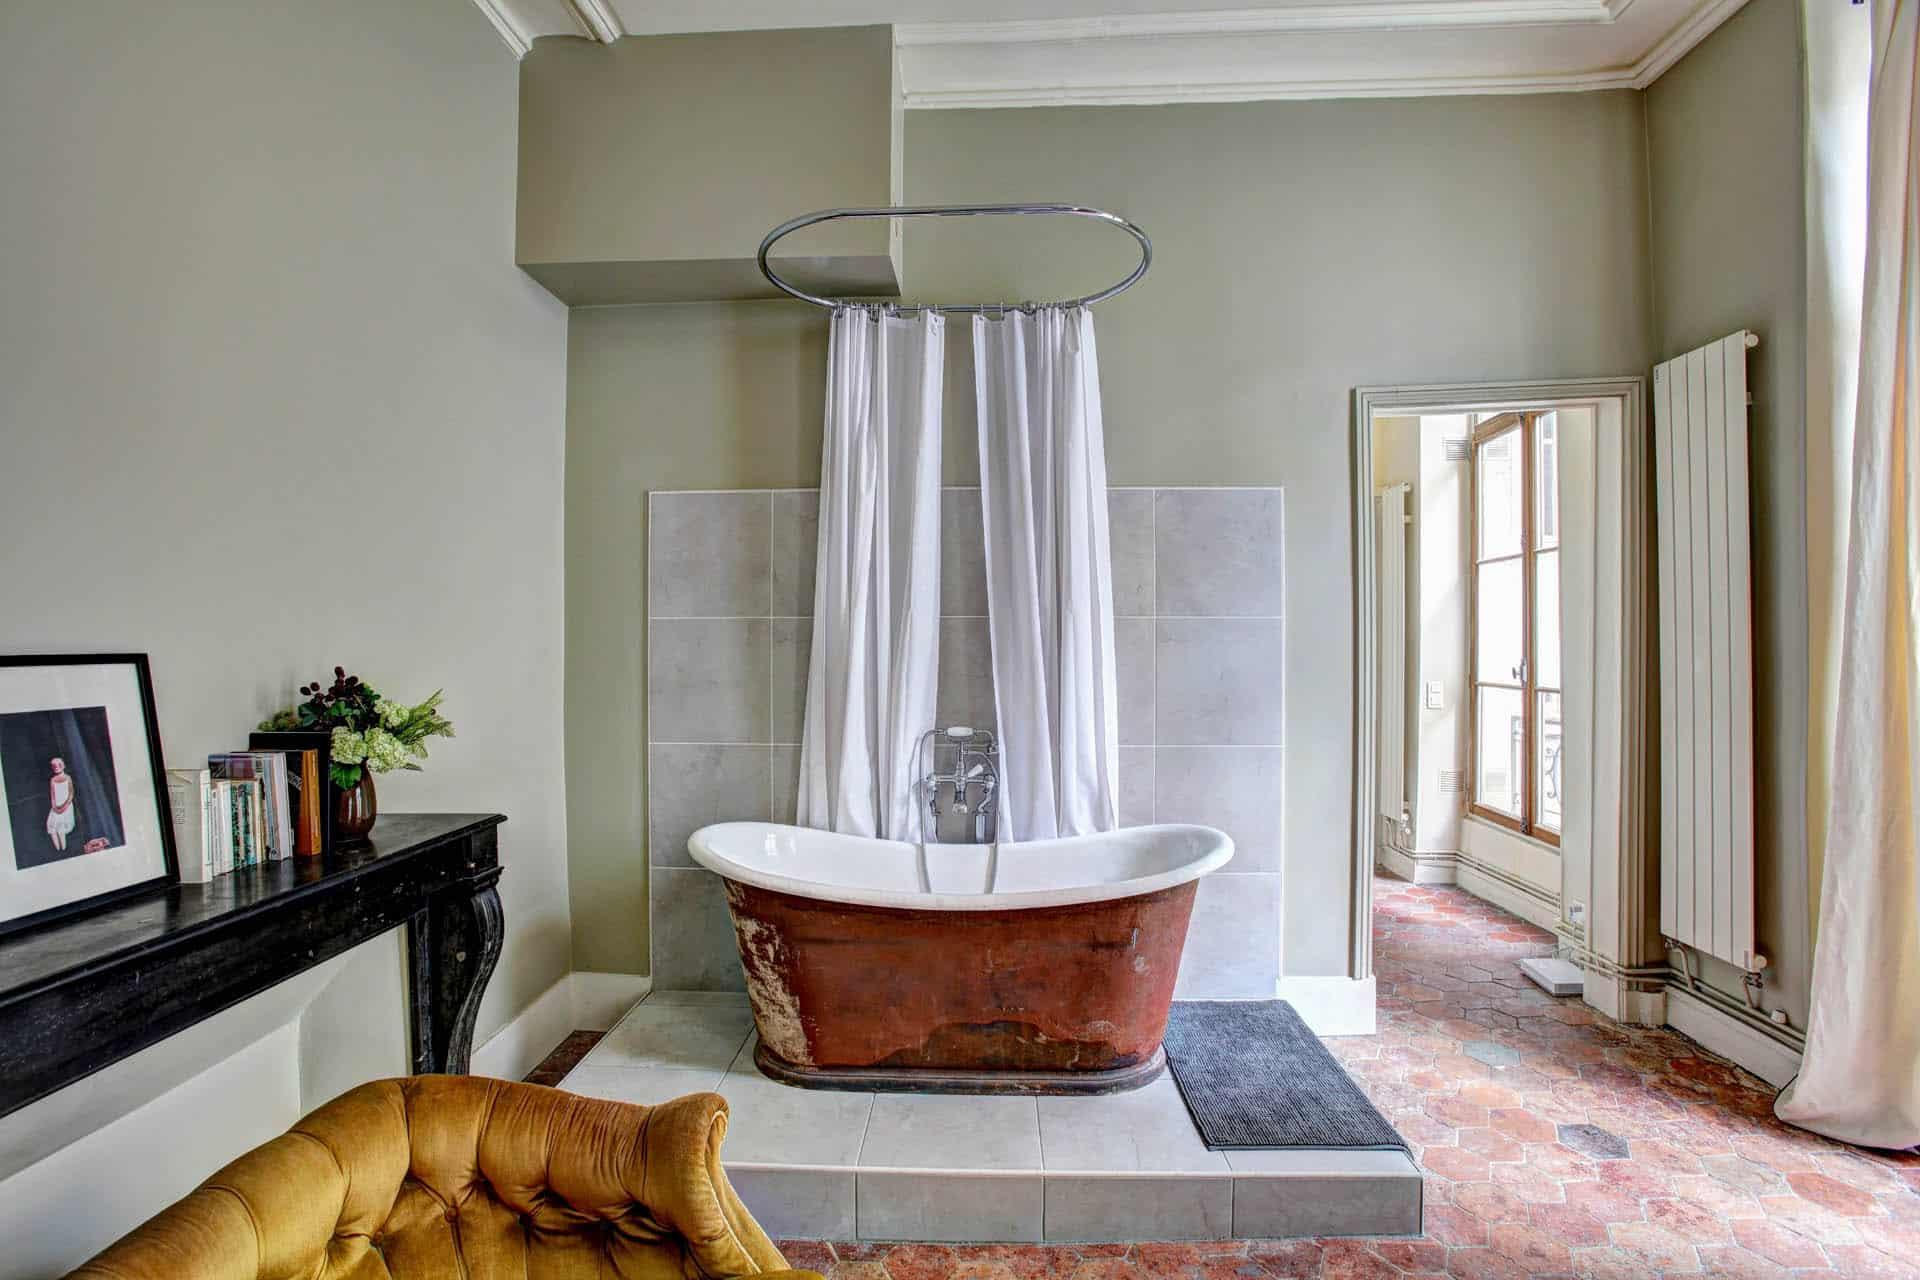 Salle De Bain Tendance 2019 décoration salle de bains : quelle est la tendance 2019